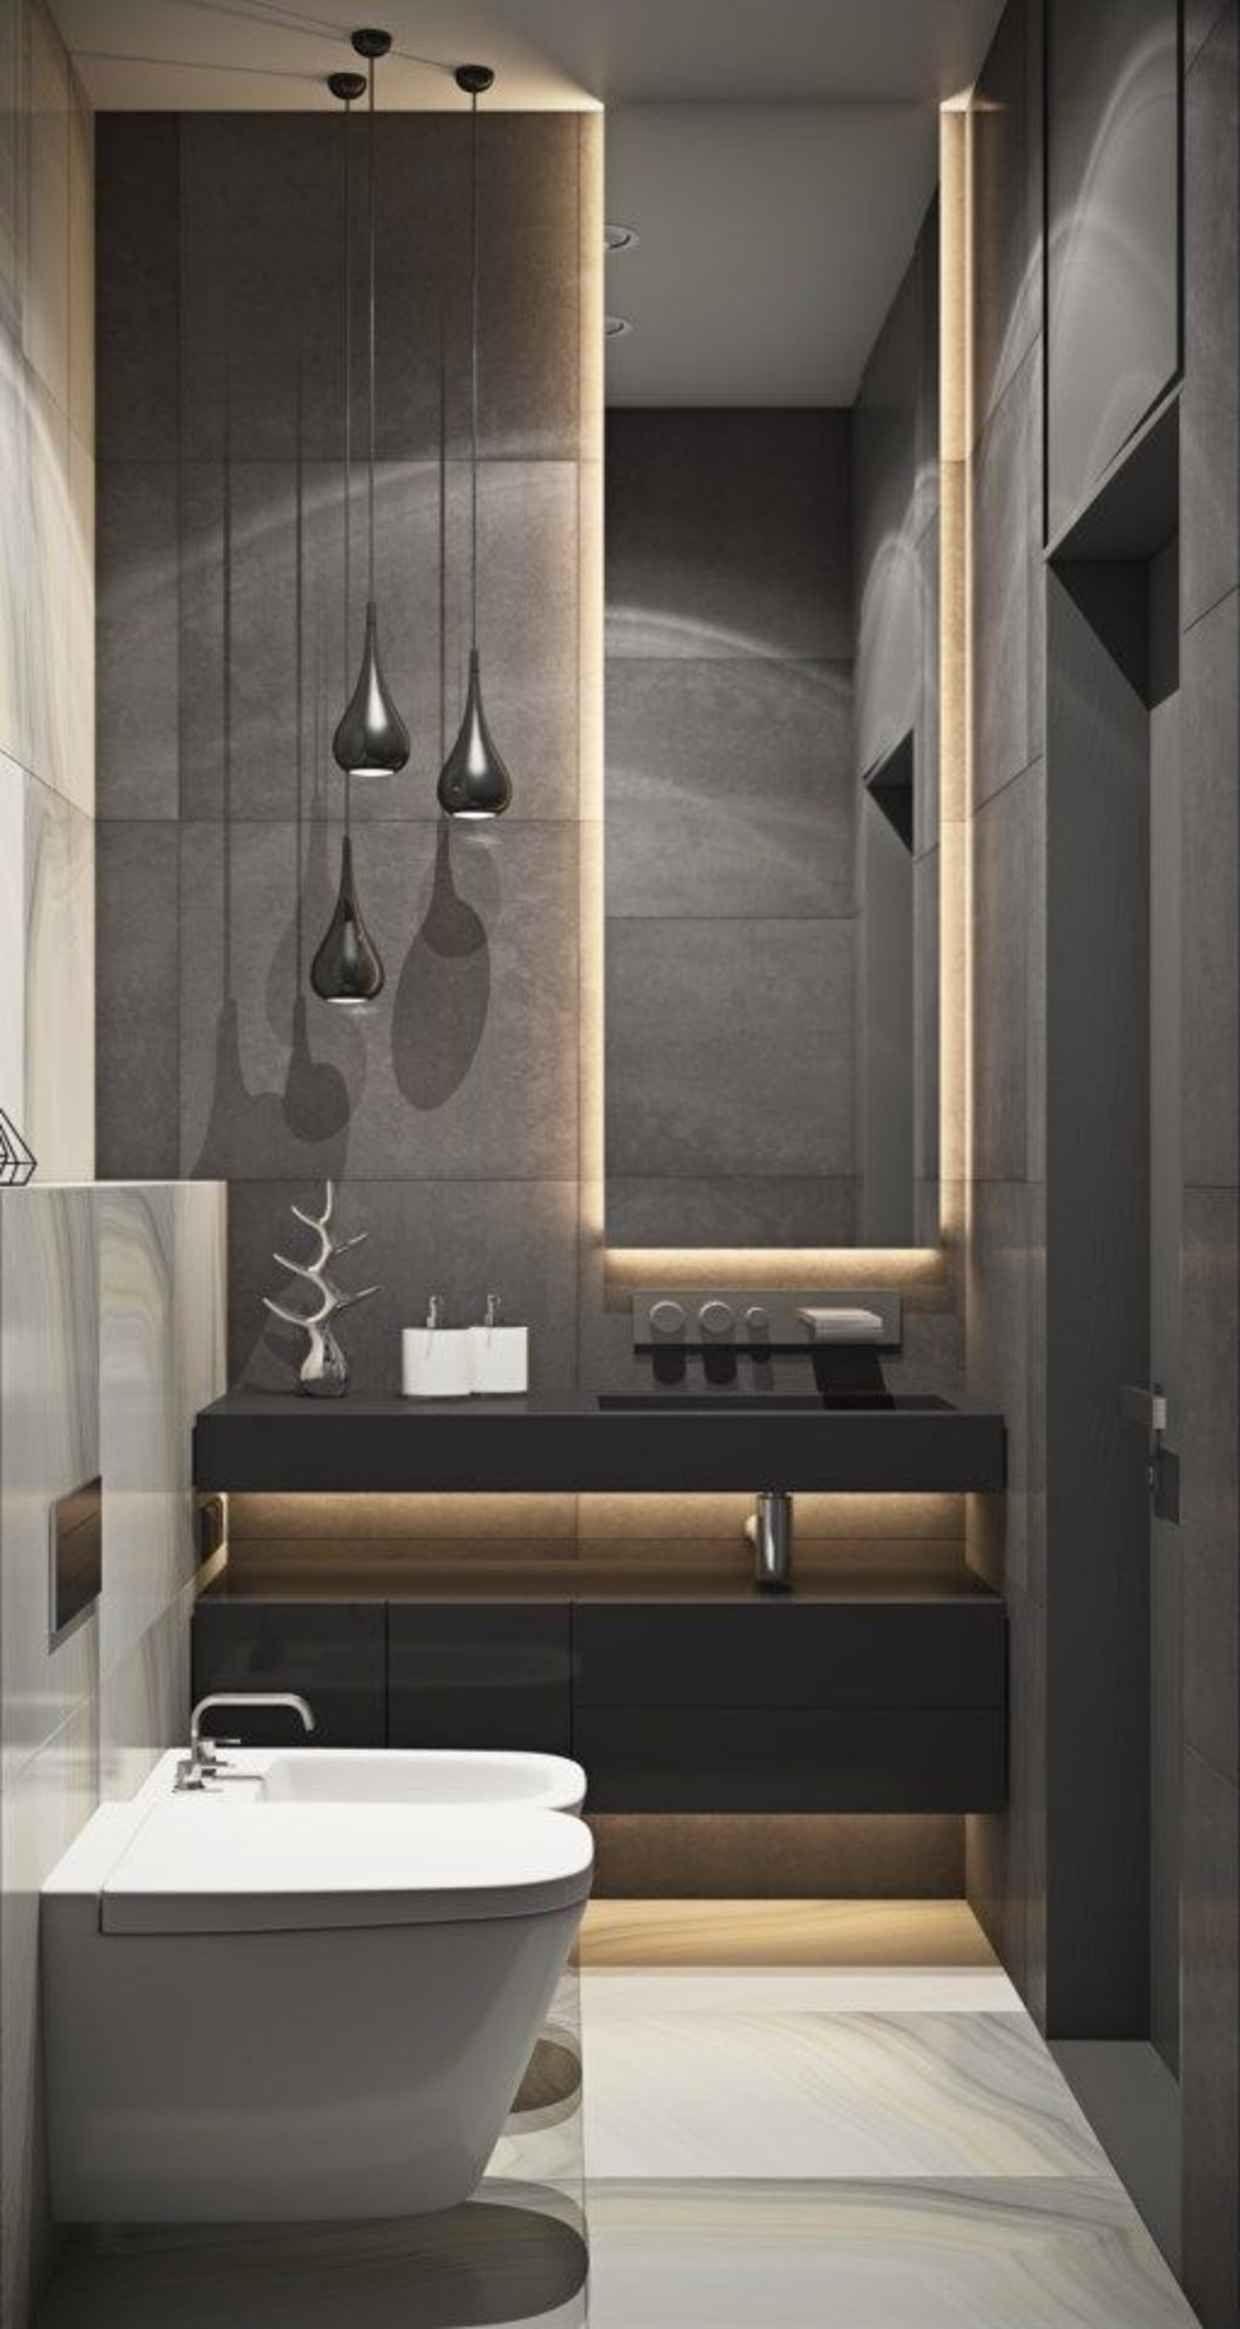 Bagni Di Lusso Moderni random inspiration 255 | arredamento bagno, bagni moderni e